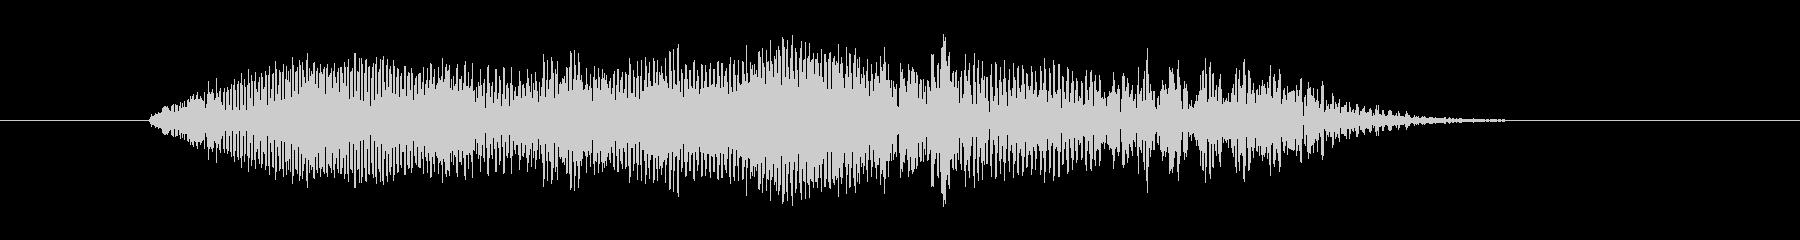 鳴き声 男性コンバットヒットハード18の未再生の波形